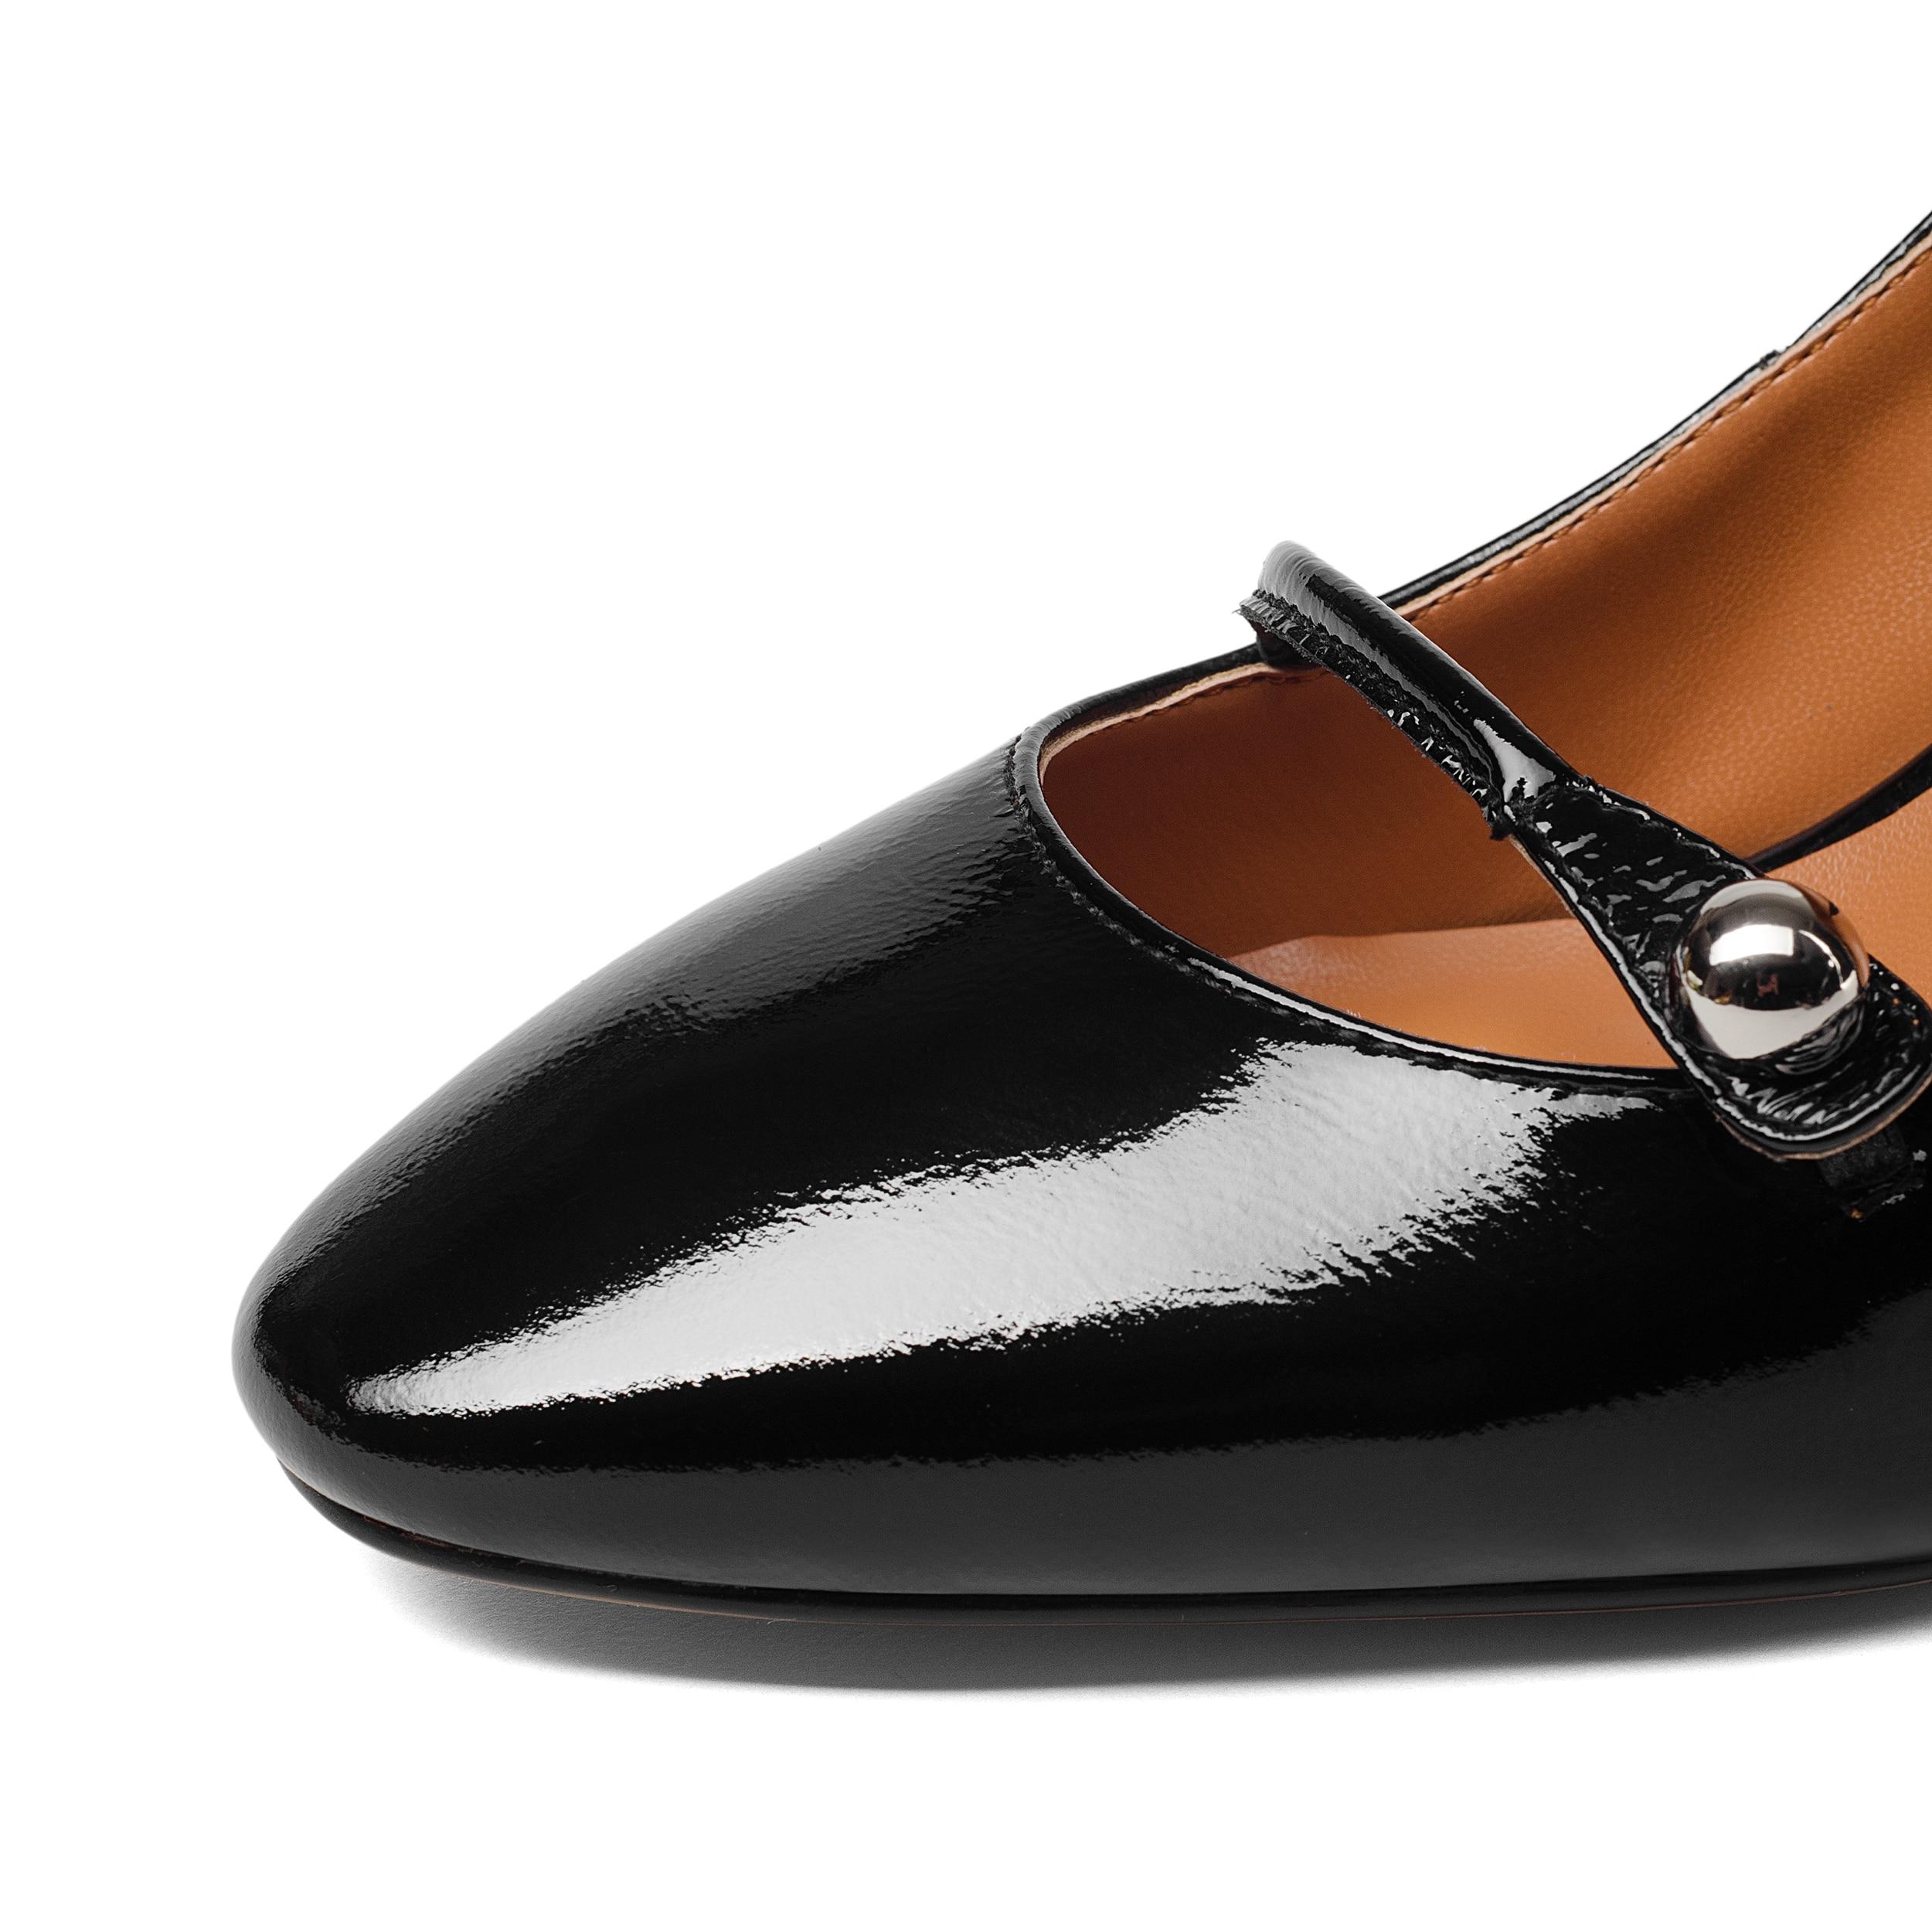 Taille Femmes Talons jaune Véritable Épais Souliers Cuir Chaussures 8 Indaco À Hauts Cm Pour Grande Noir 2019 UxavFwdqUt